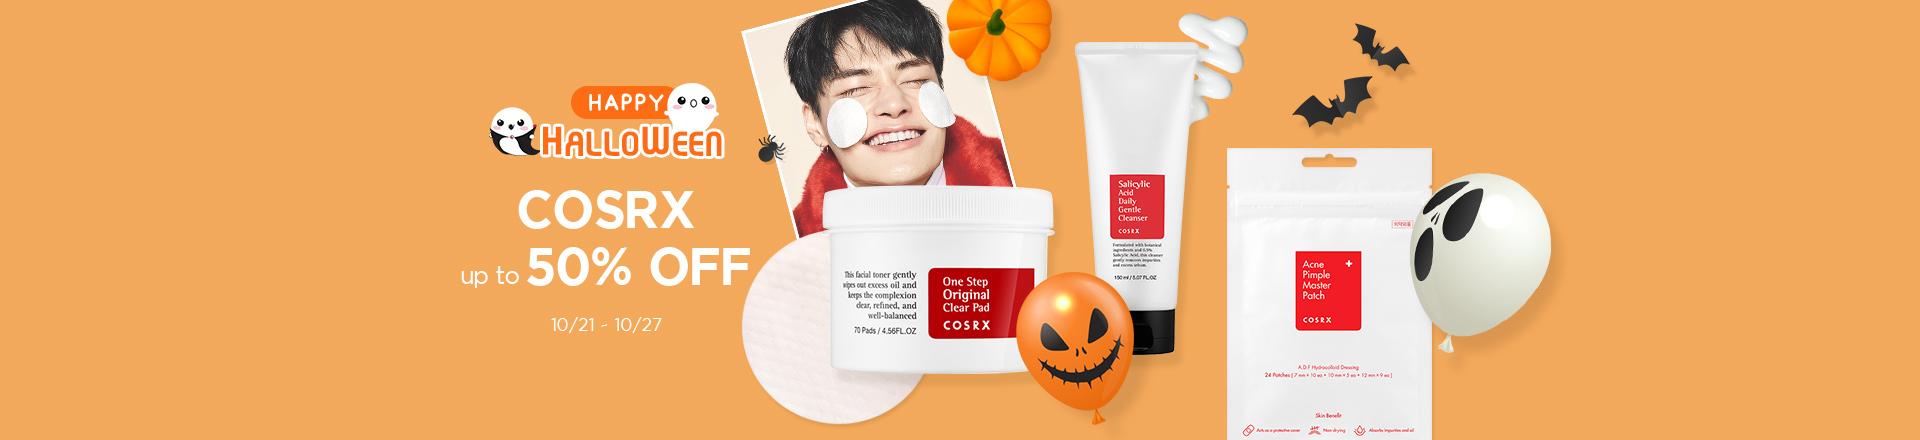 cosrx brand sale